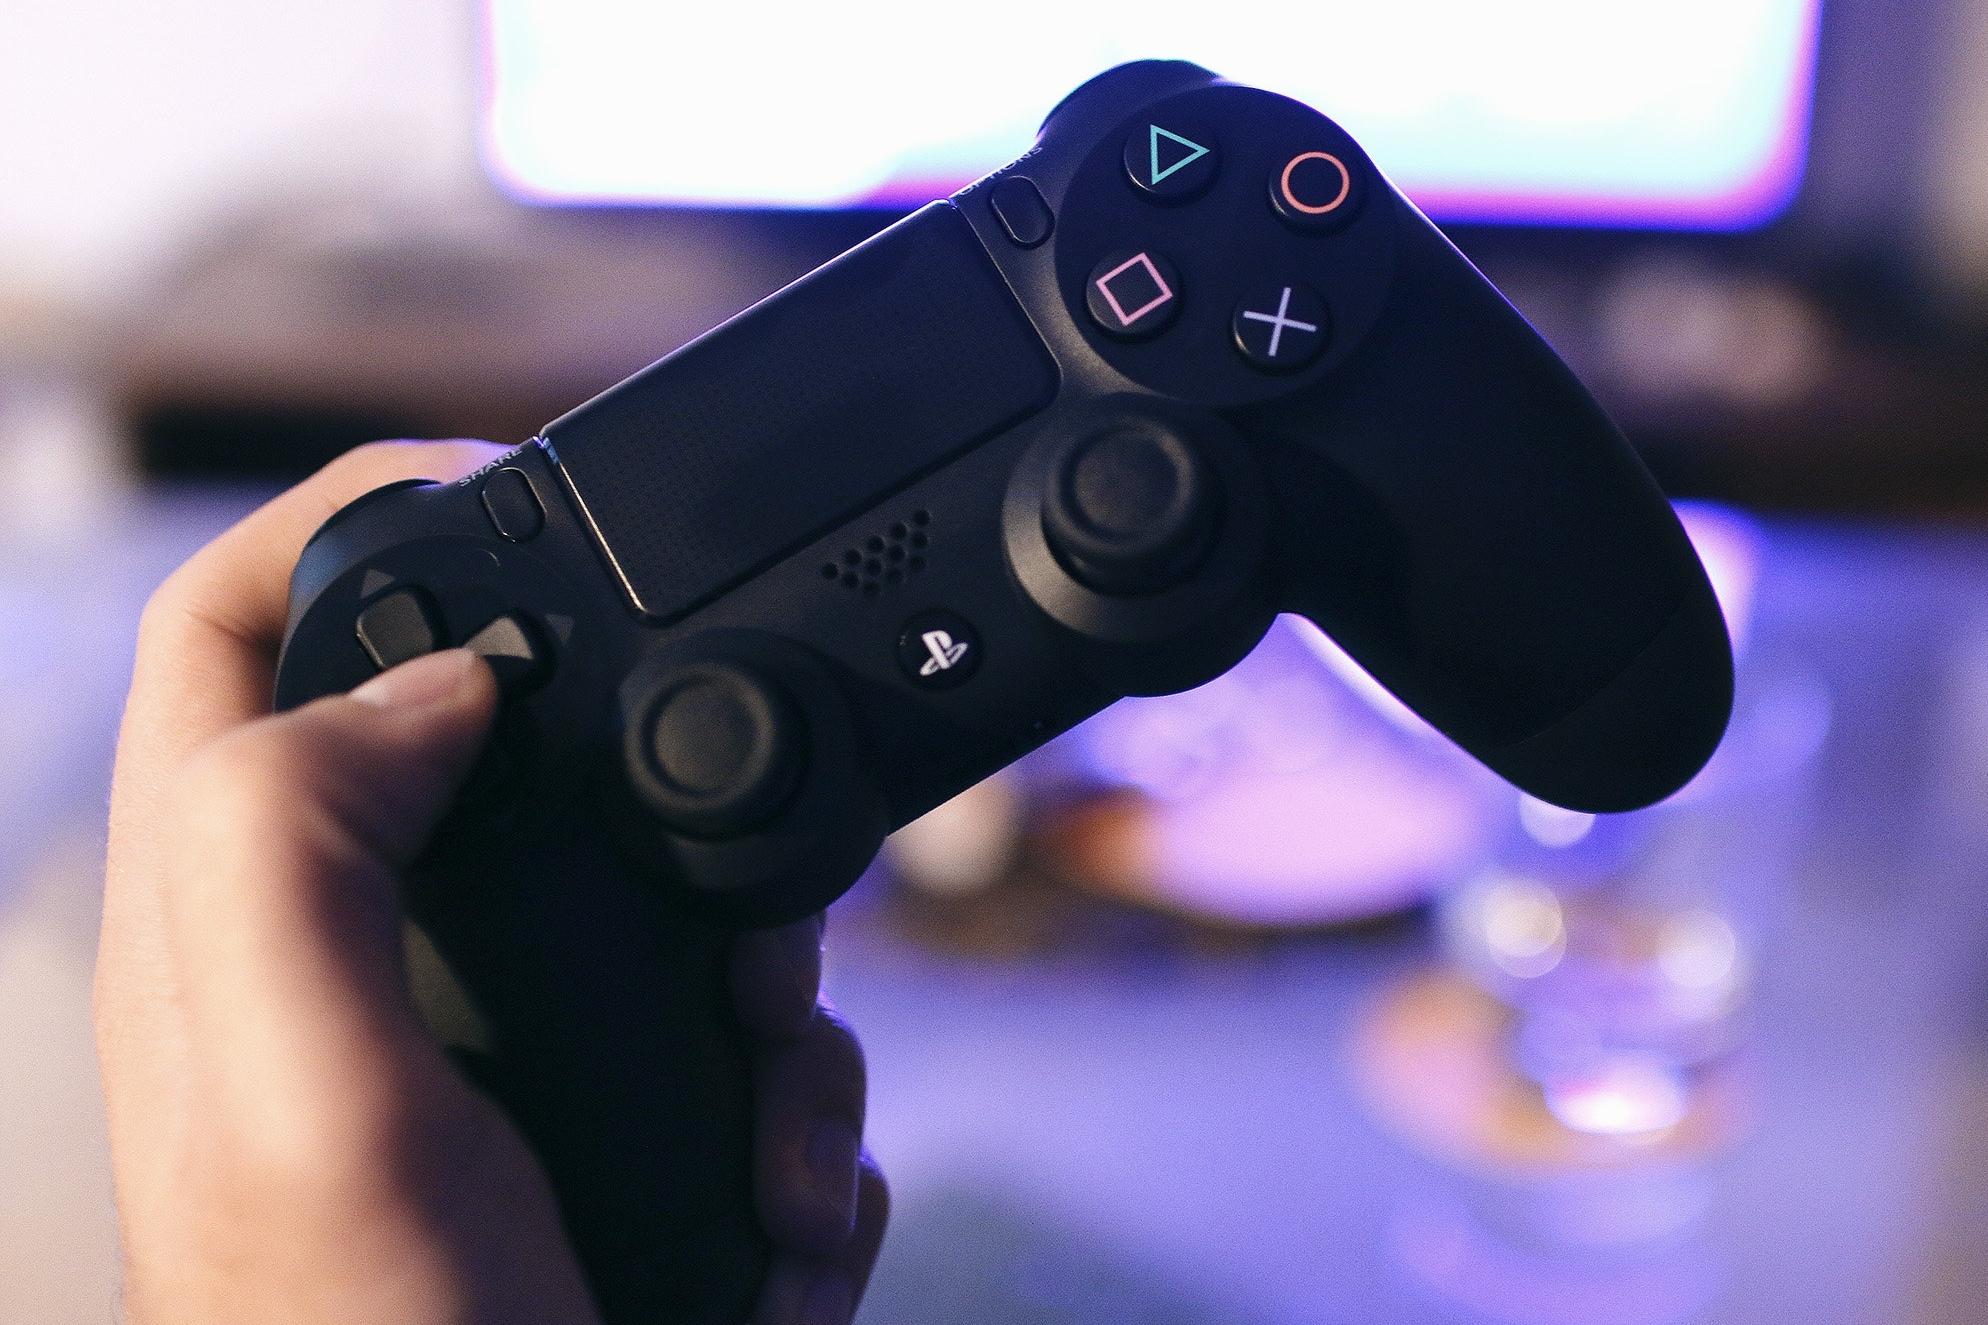 Imagem de PlayStation é o console que mais gerou acesso ao PornHub em 2018 no tecmundo